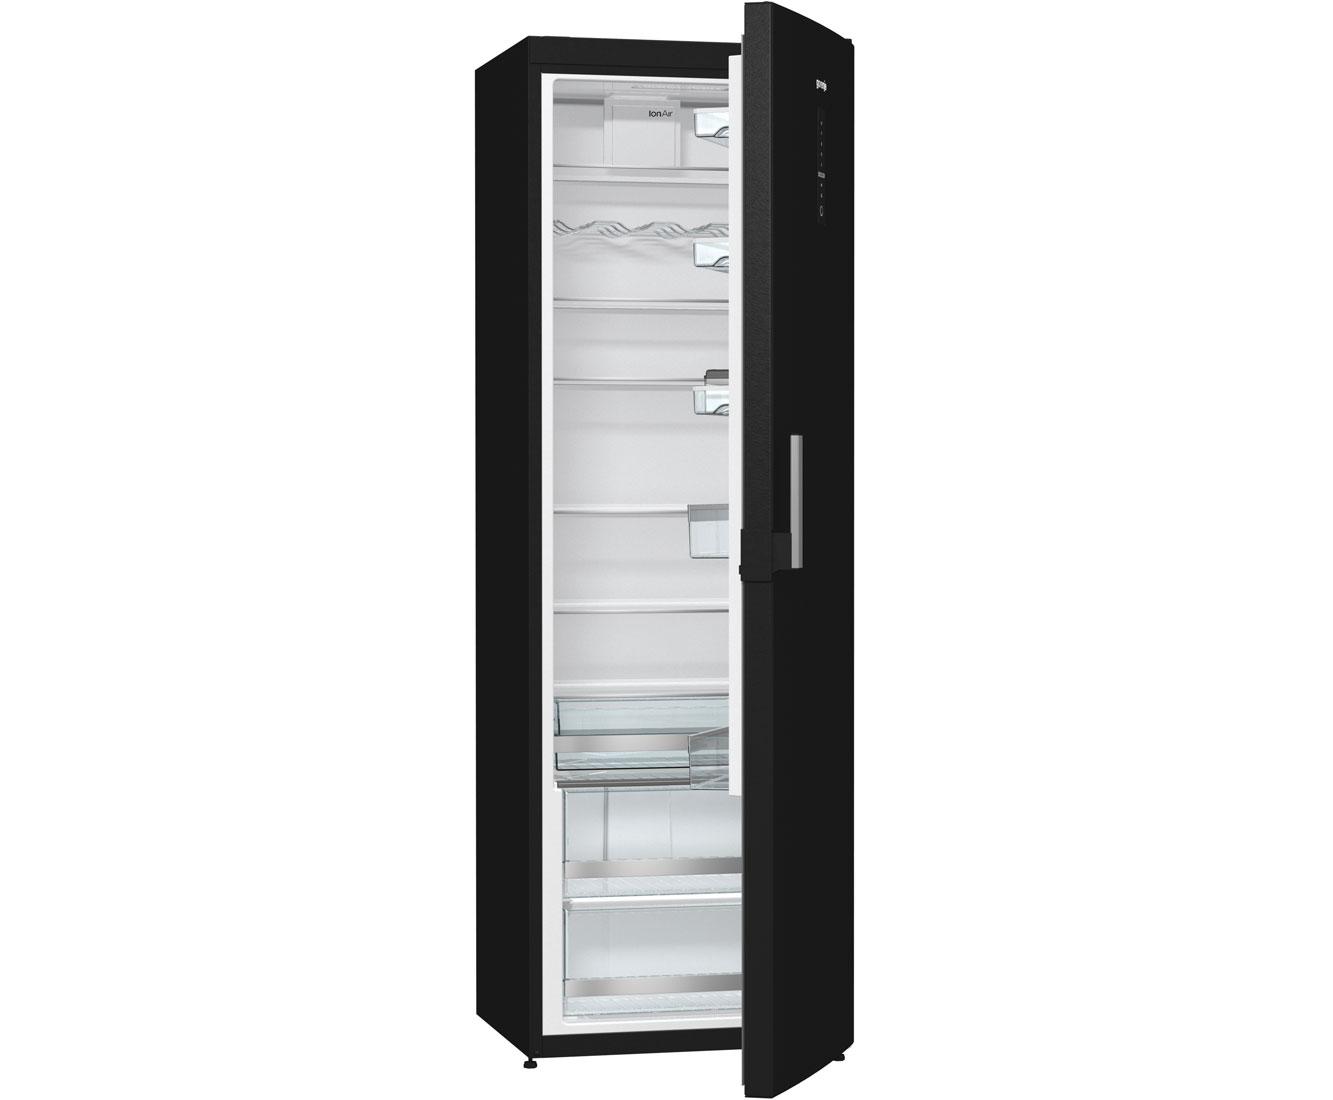 Bomann Kühlschrank Birne Wechseln : Kühlschrank schwarz preisvergleich u die besten angebote online kaufen